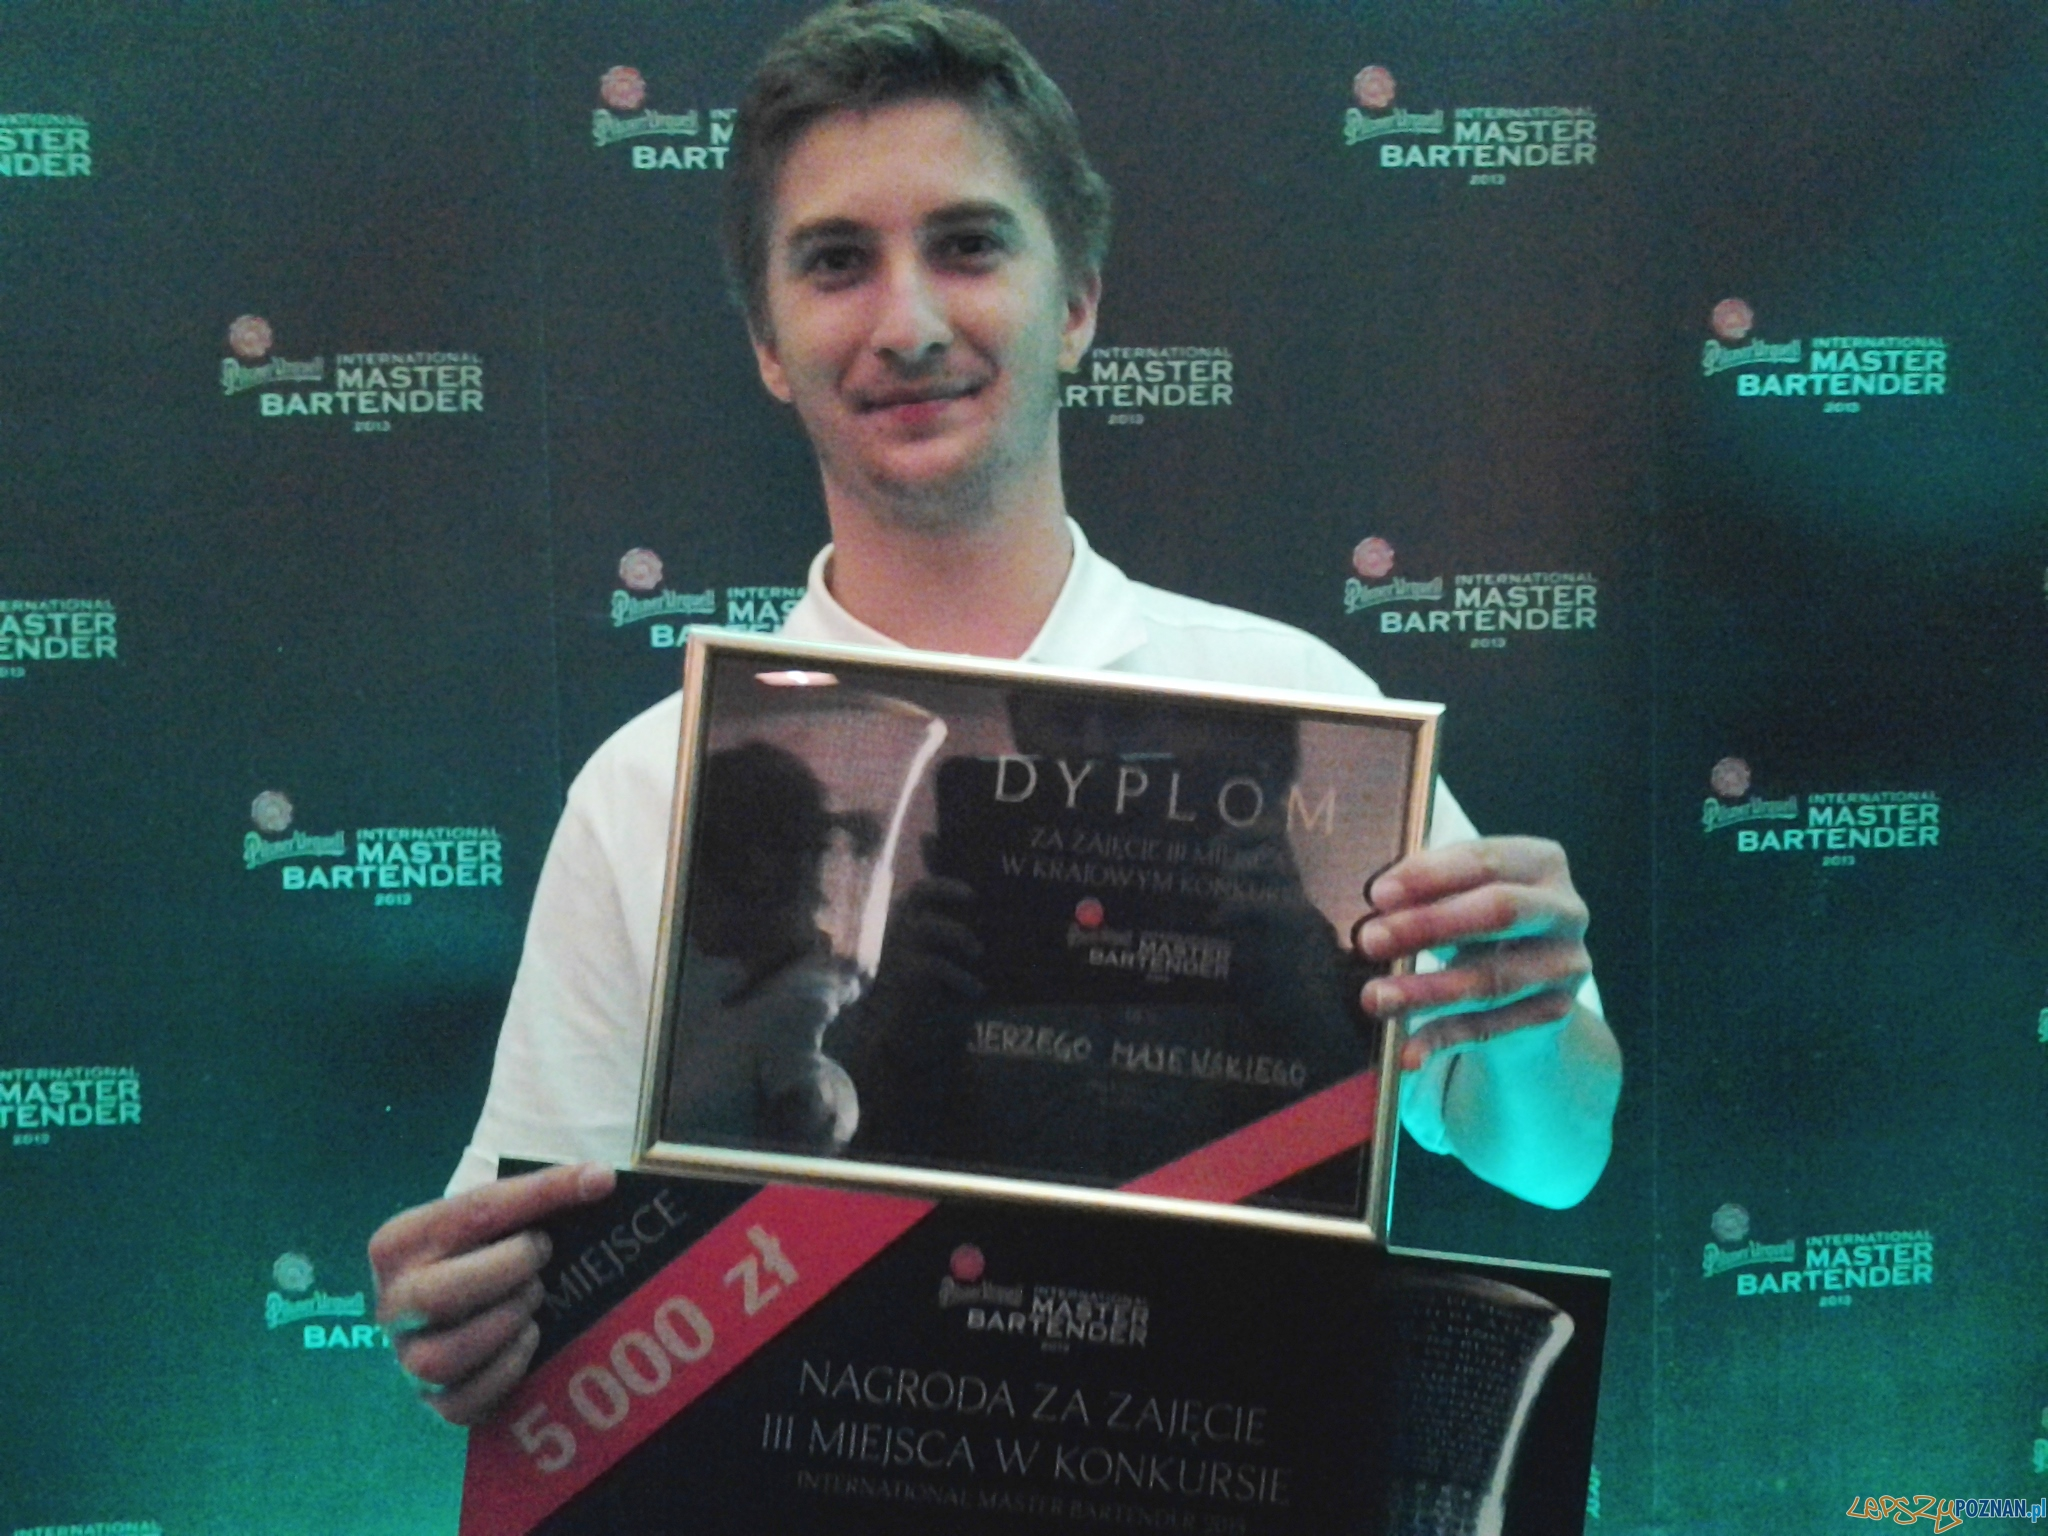 Jerzy Majewski - zdobył III miejsce w konkursie Finał konkursu International Master Bartender 2013  Foto: lepszyPOZNAN.pl / tab 10.1